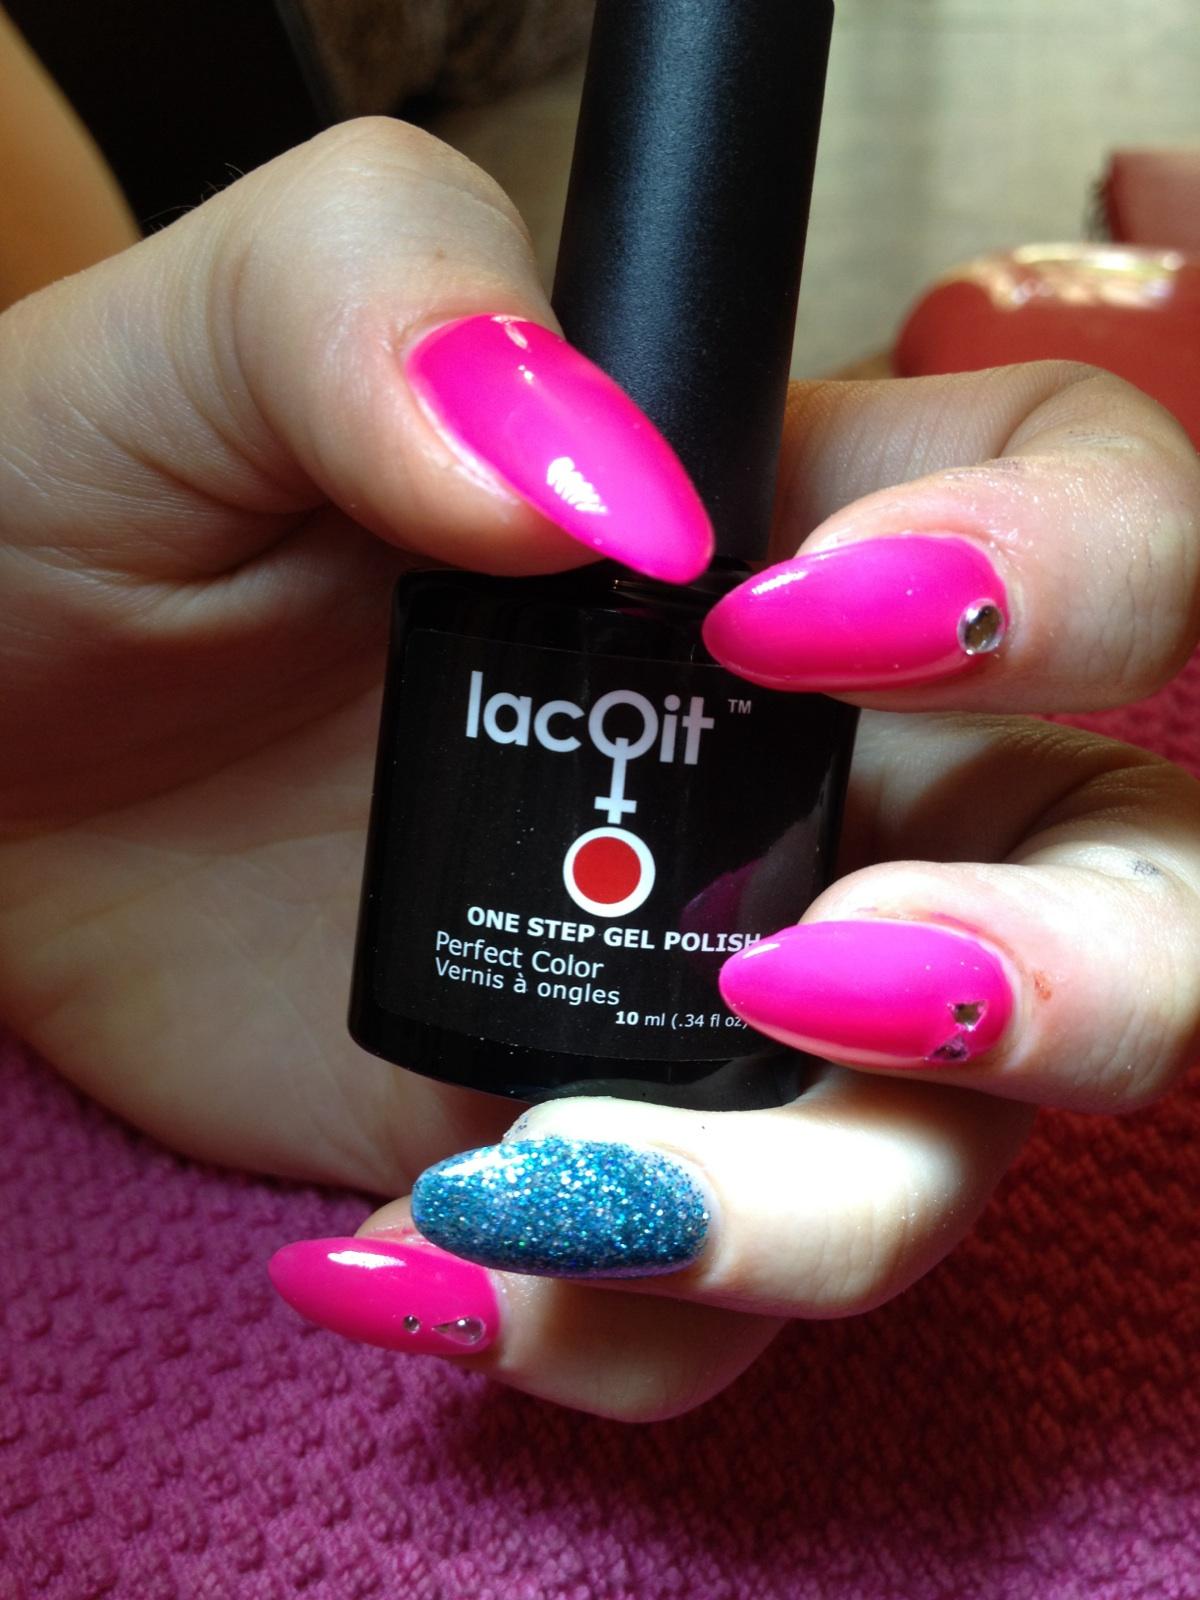 Lacqit One Step Gel Polish Nail Art Gel Nails At Home